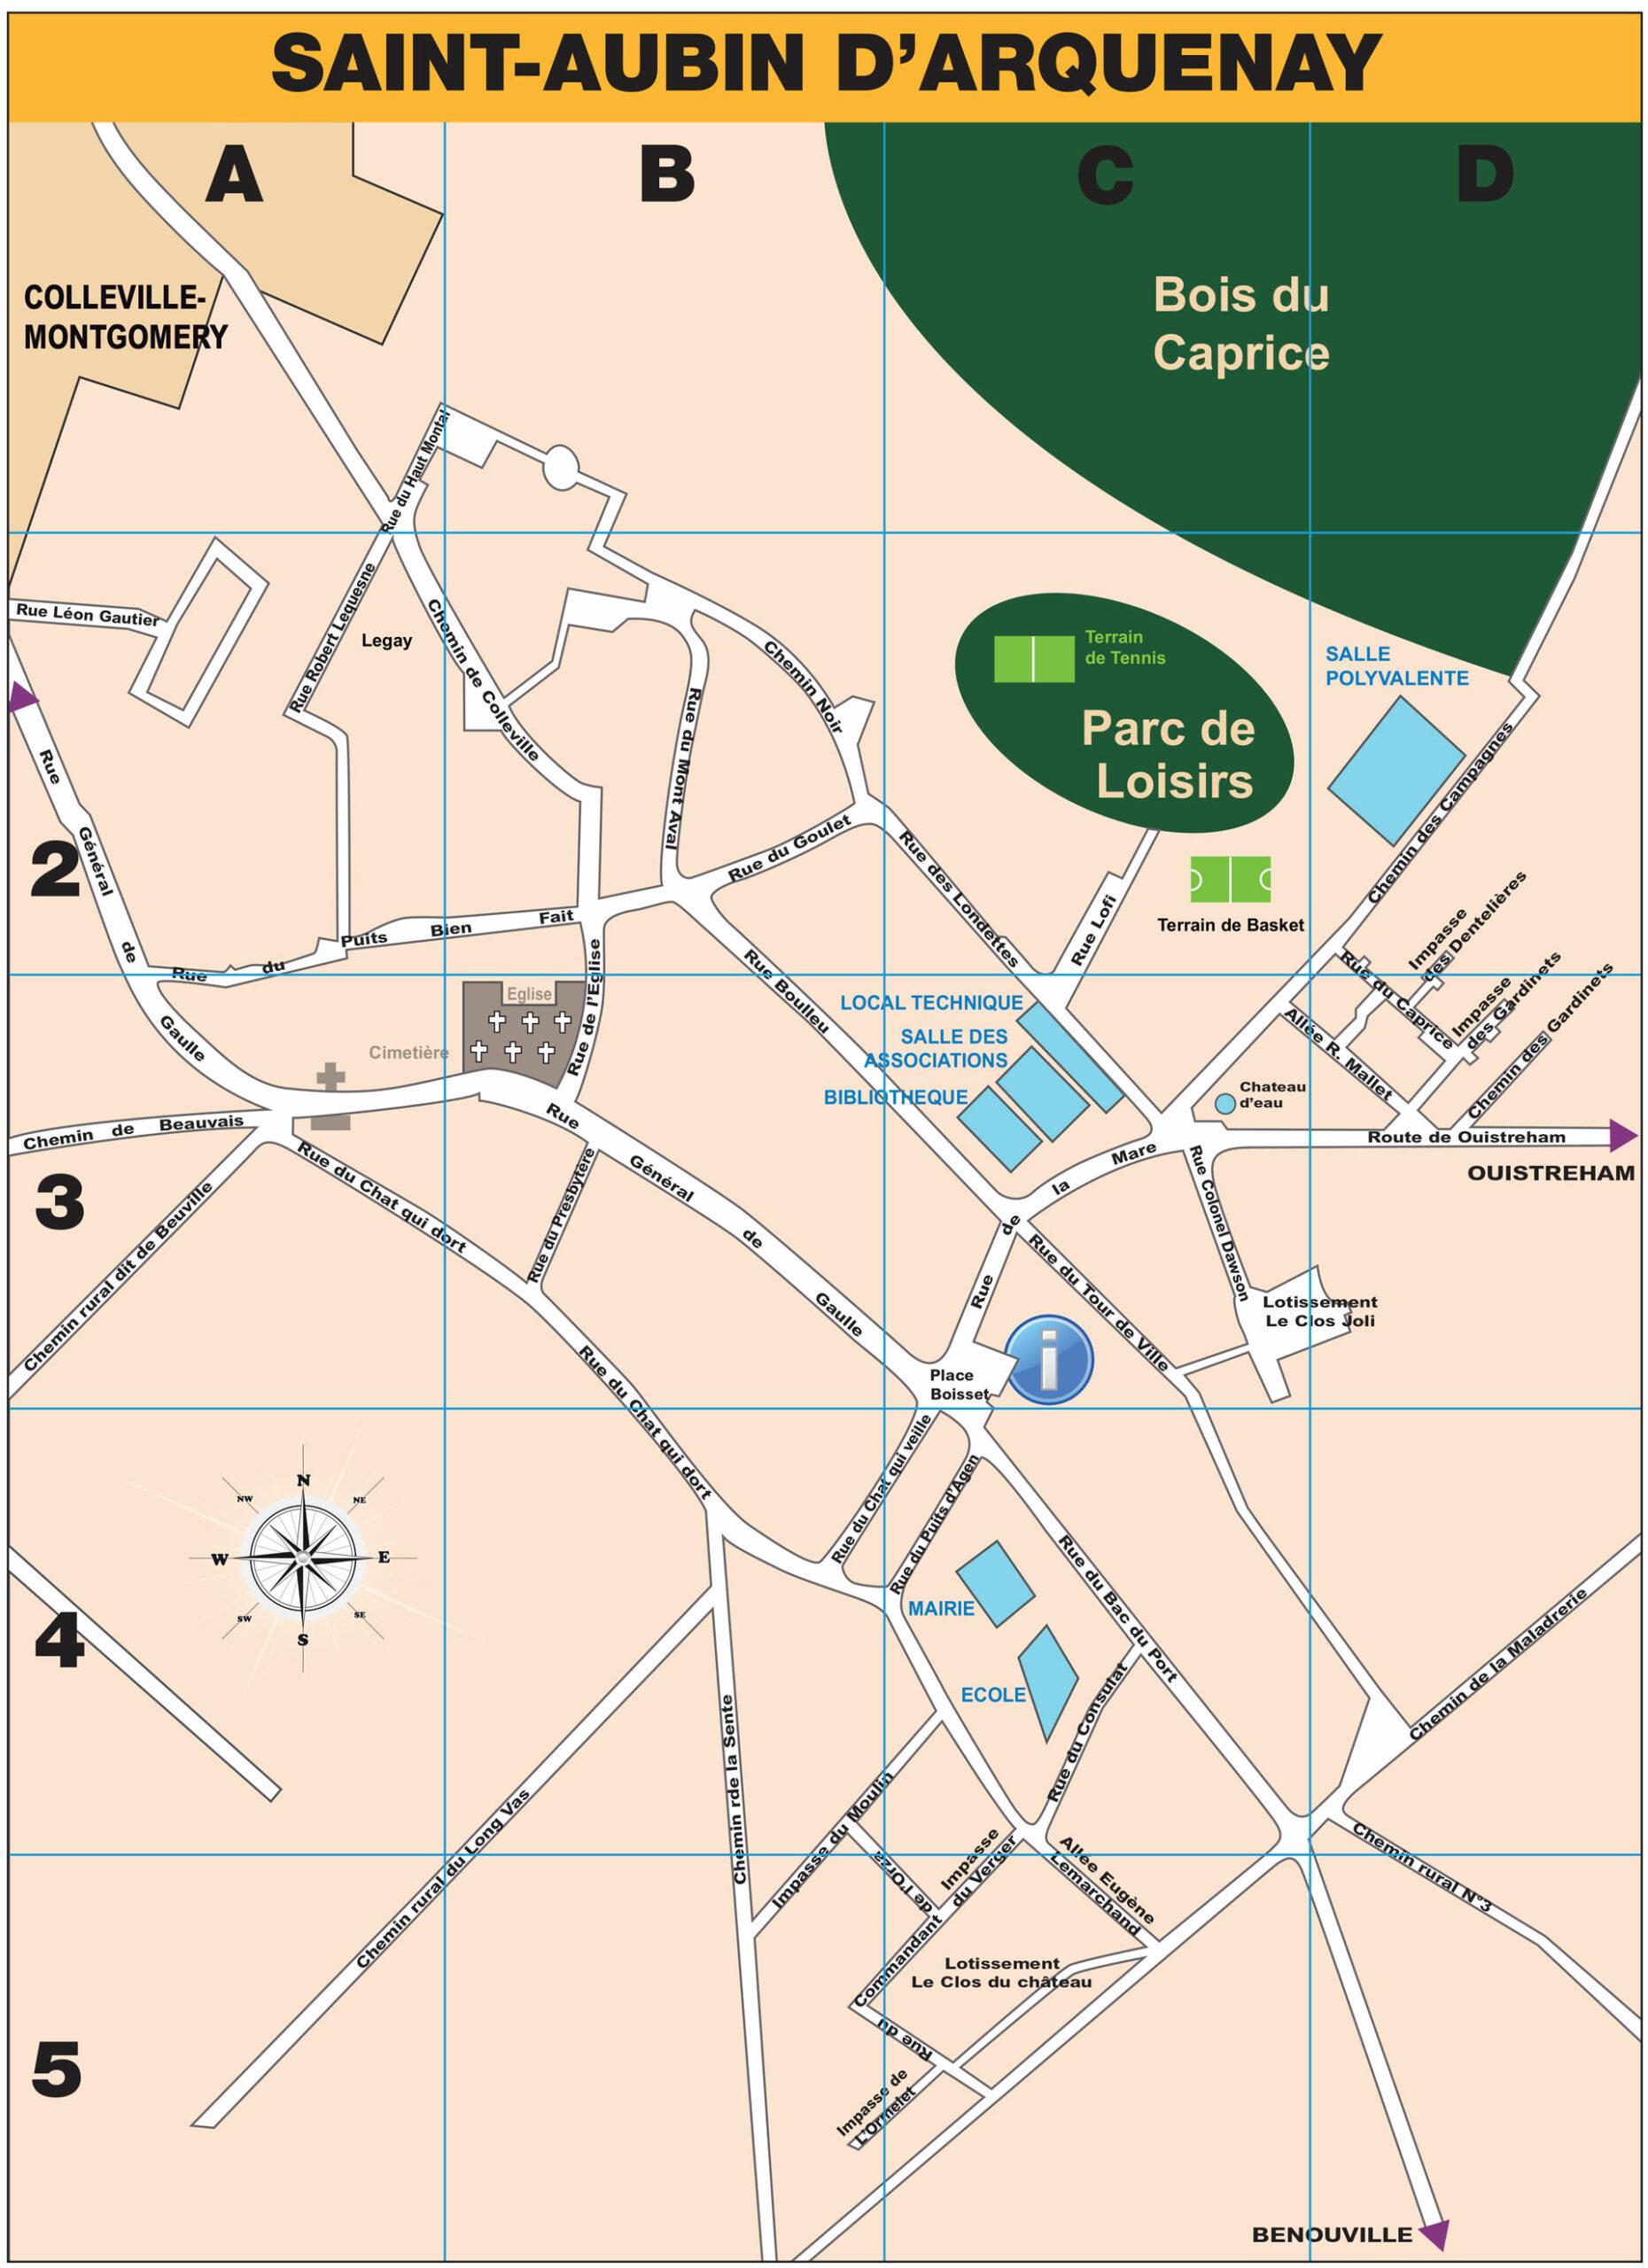 Plan de Saint Aubin d'Arquenay